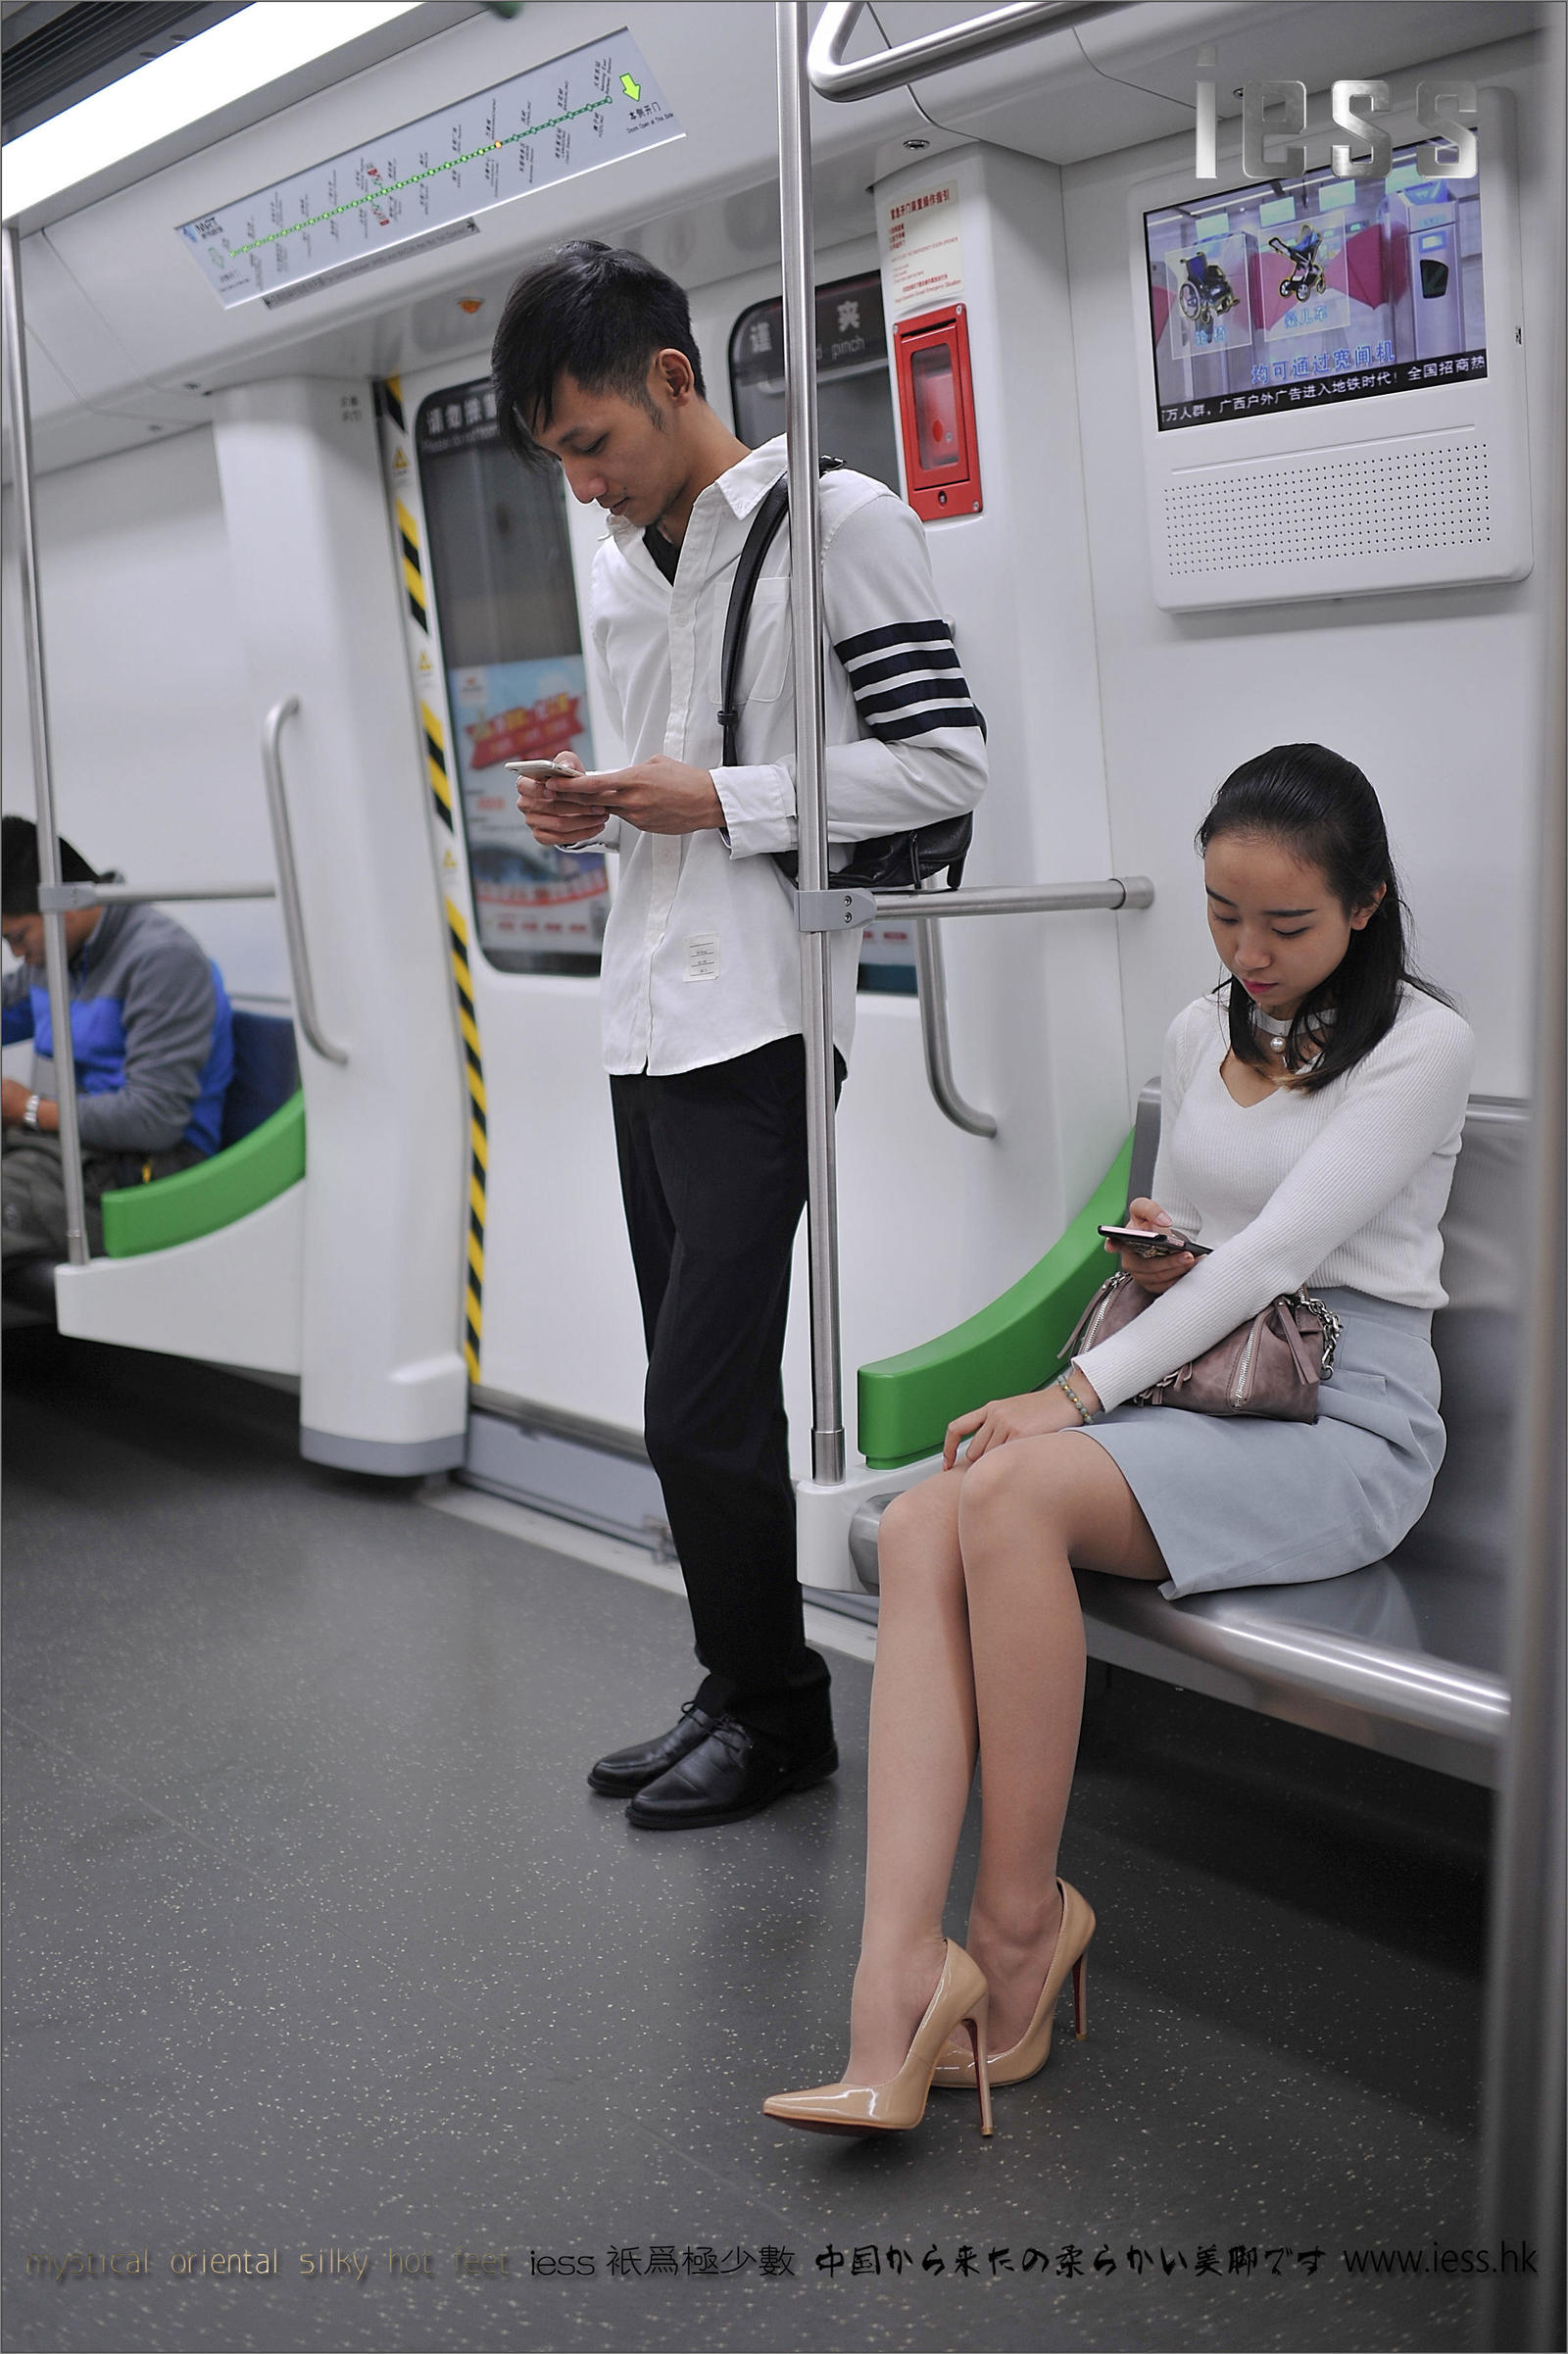 户外丝袜套图欣赏